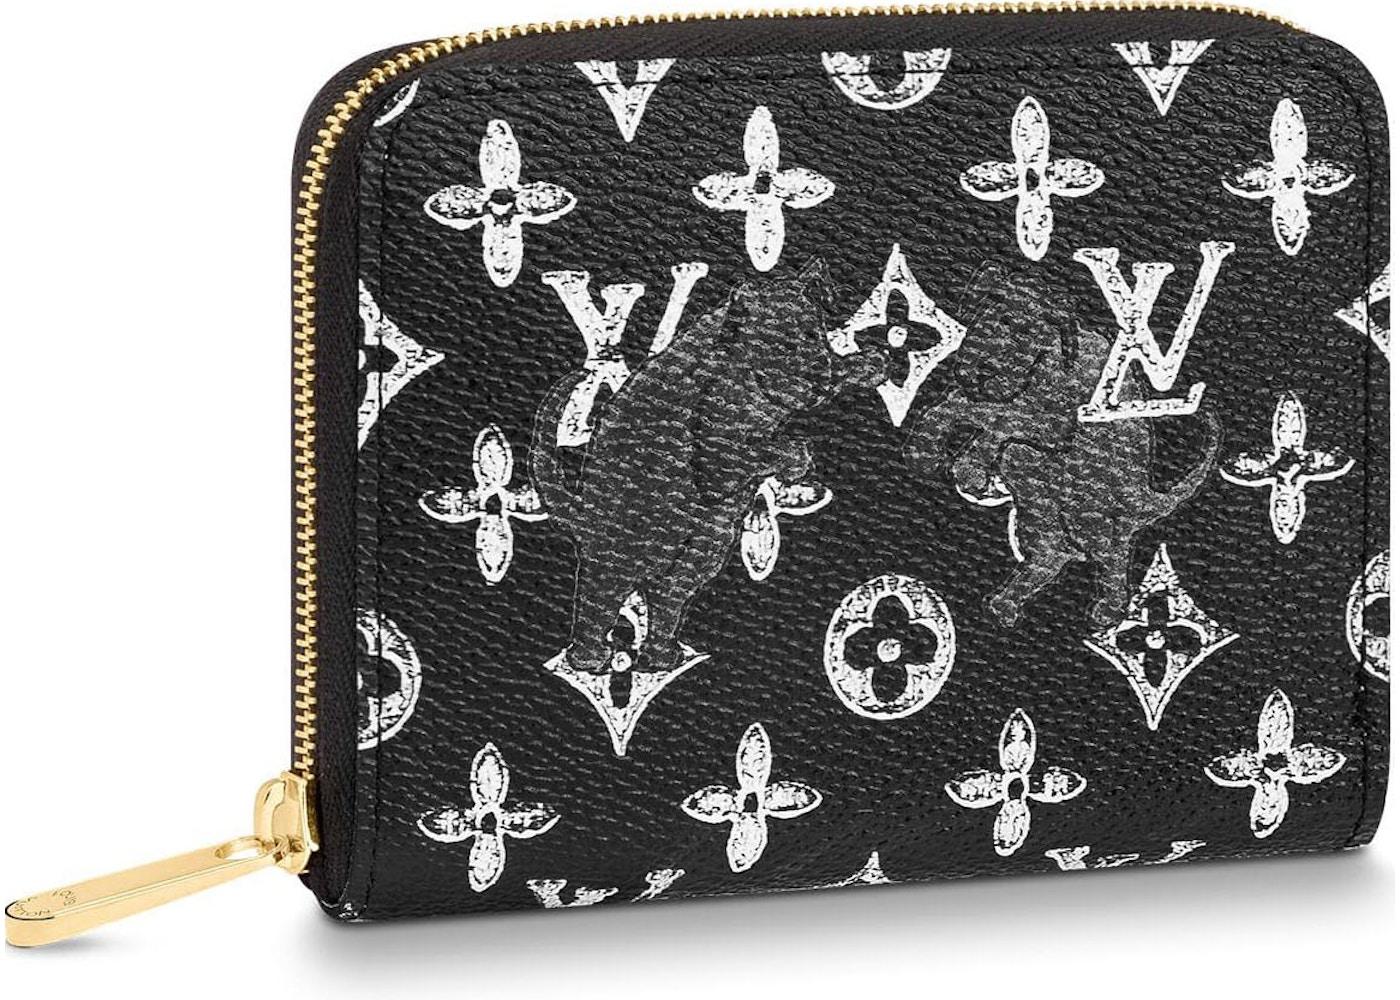 b5813e3b6e68 Louis Vuitton Zippy Coin Purse Monogram Catogram Black White. Monogram  Catogram Black White